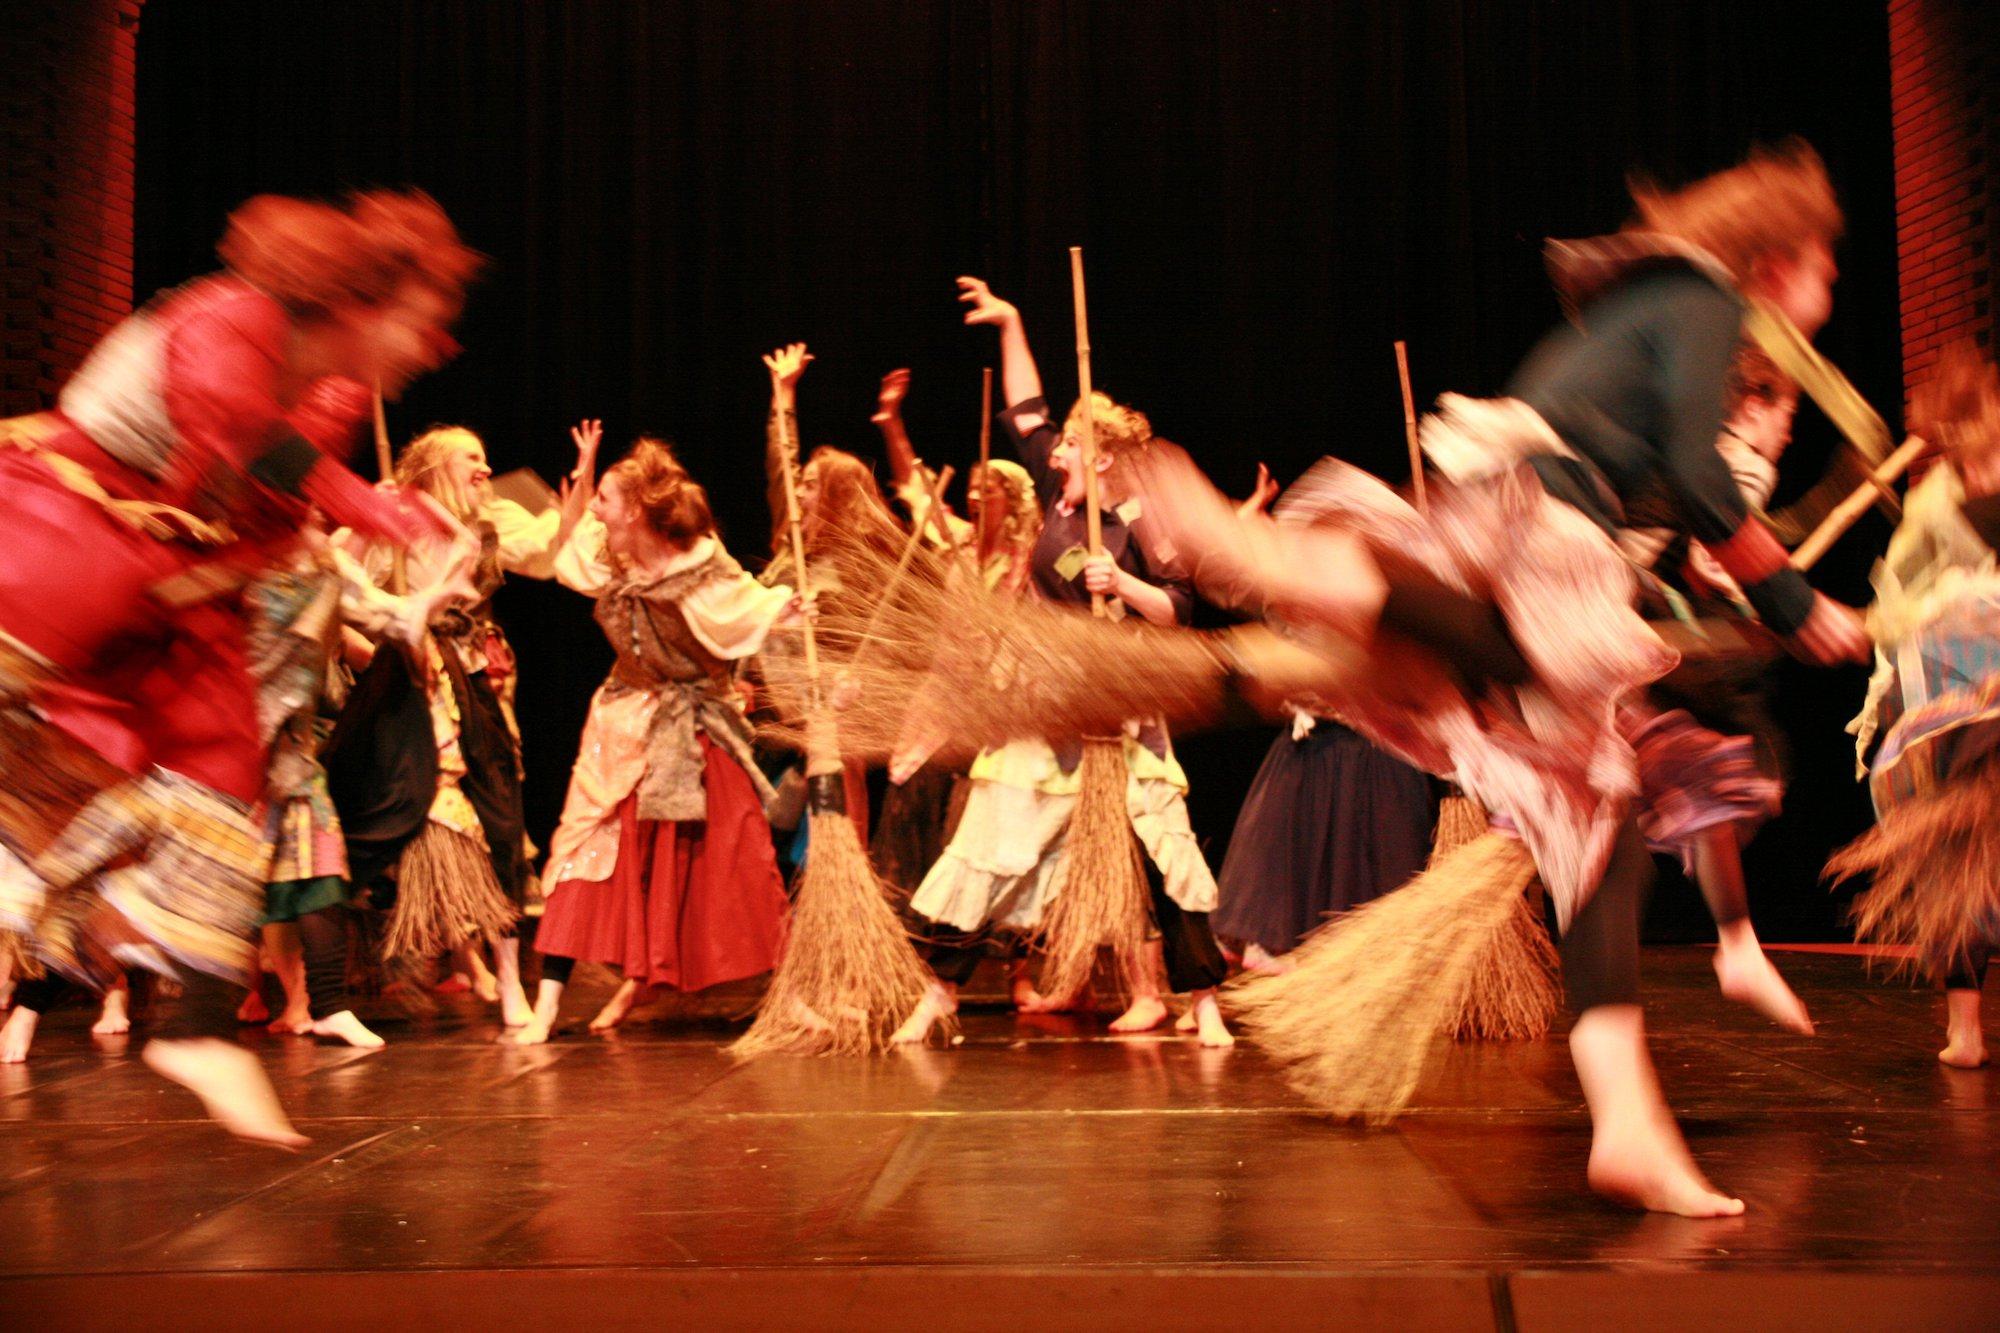 12-IMG_0270lolaroggeschule-kinderauffuehrung-diekleinehexe-herve-2006